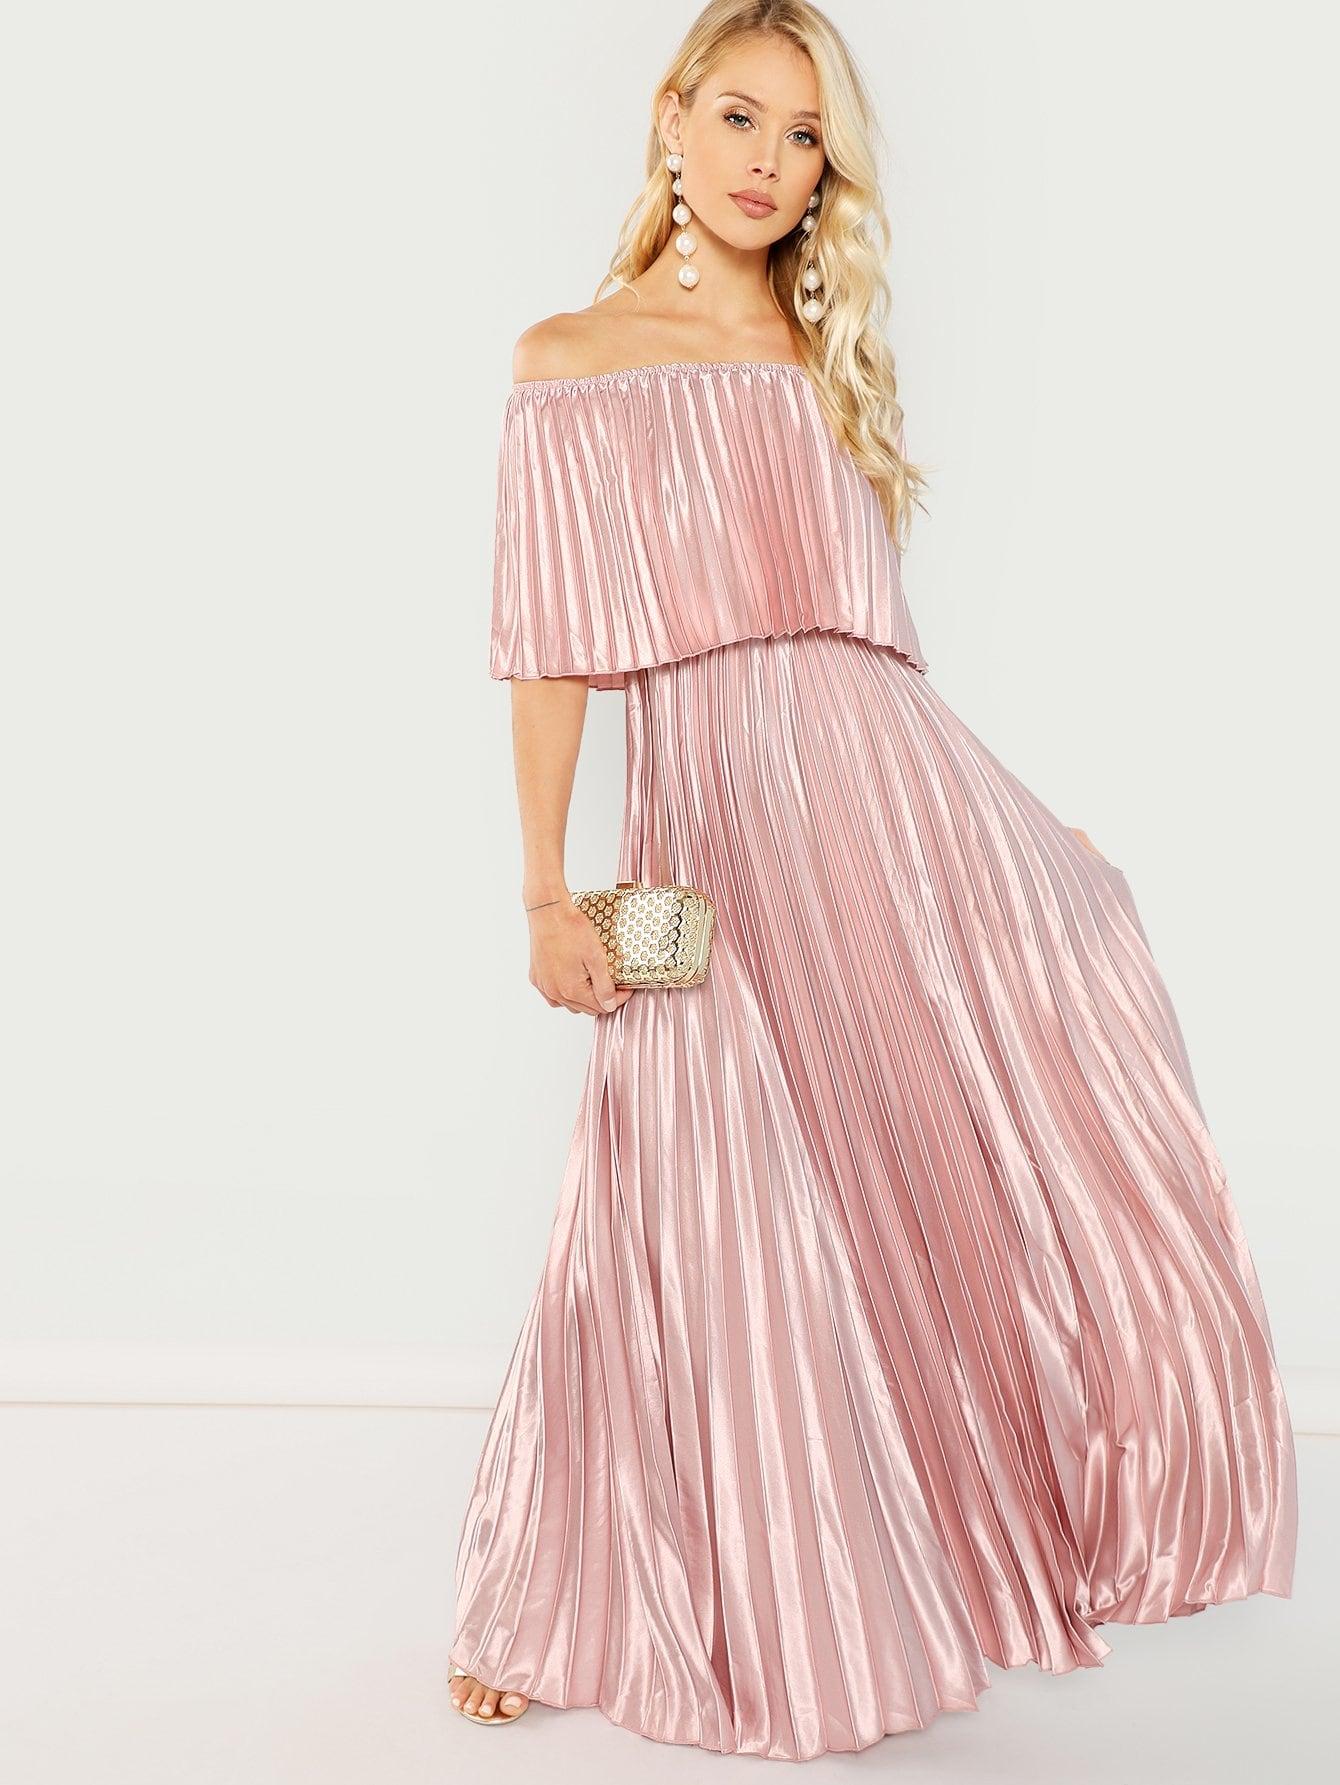 Купить Платье со складками с открытыми плечами, Allie Leggett, SheIn